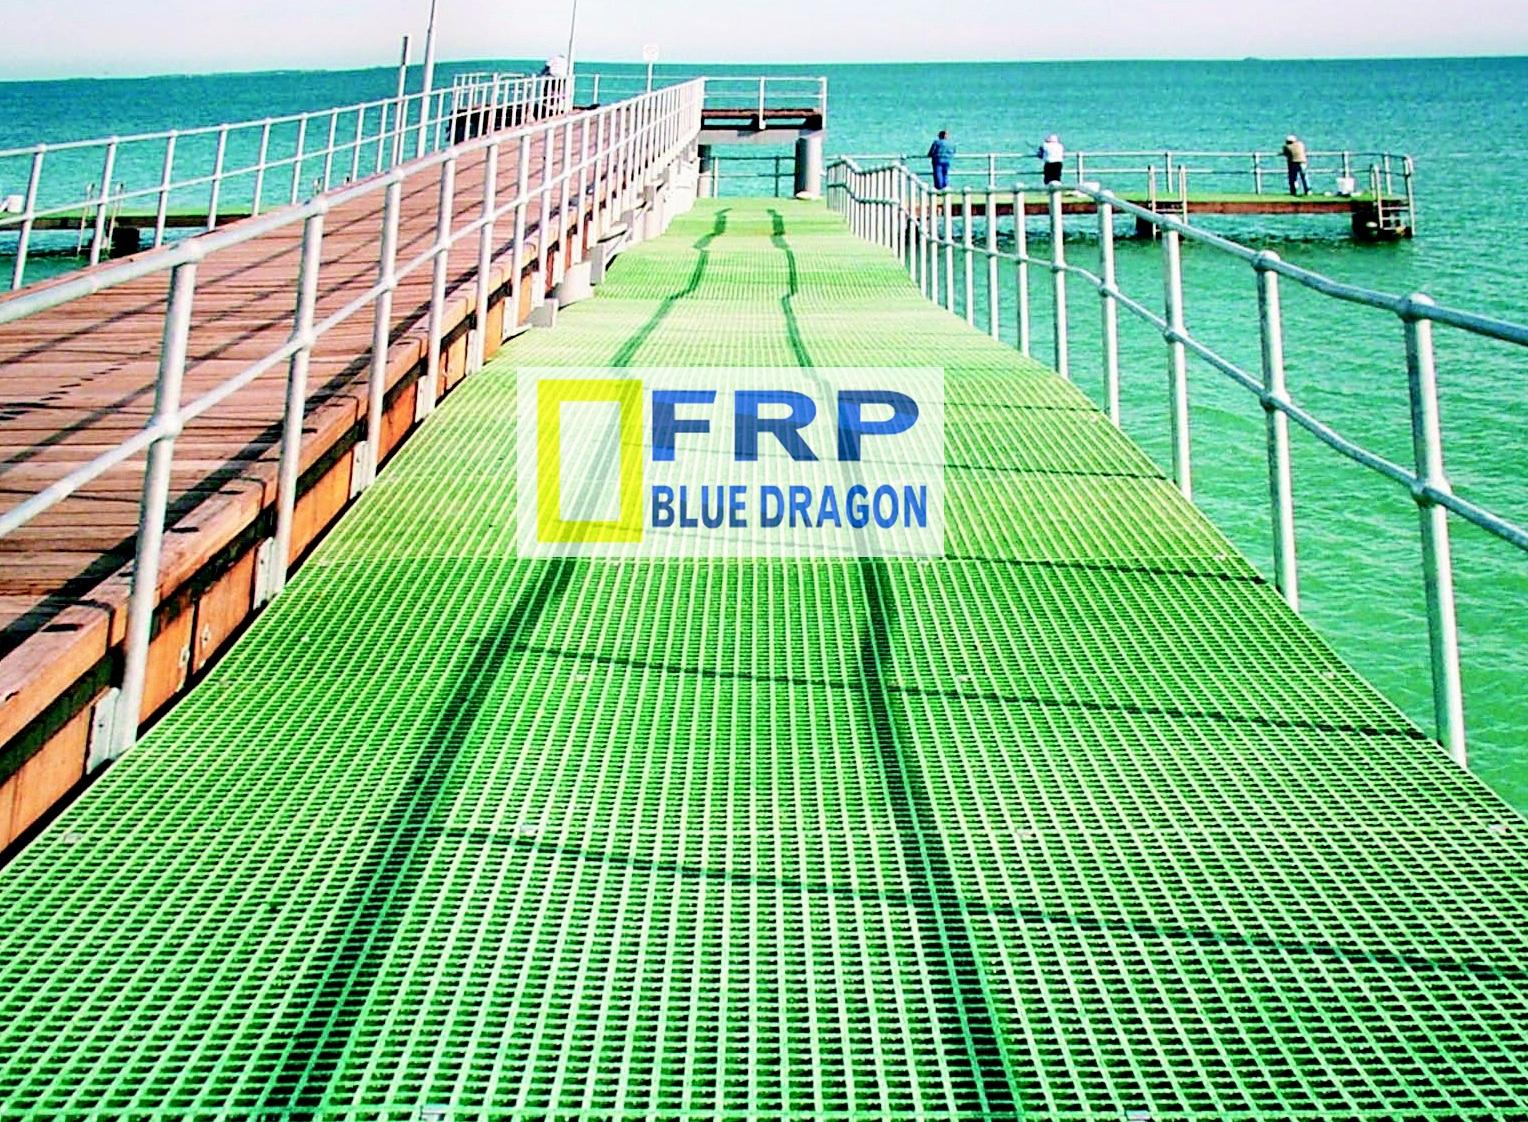 Bán tấm sàn FRP Grating chống cháy, kháng hóa chất, sàn công nghiệp thao tác trên cao